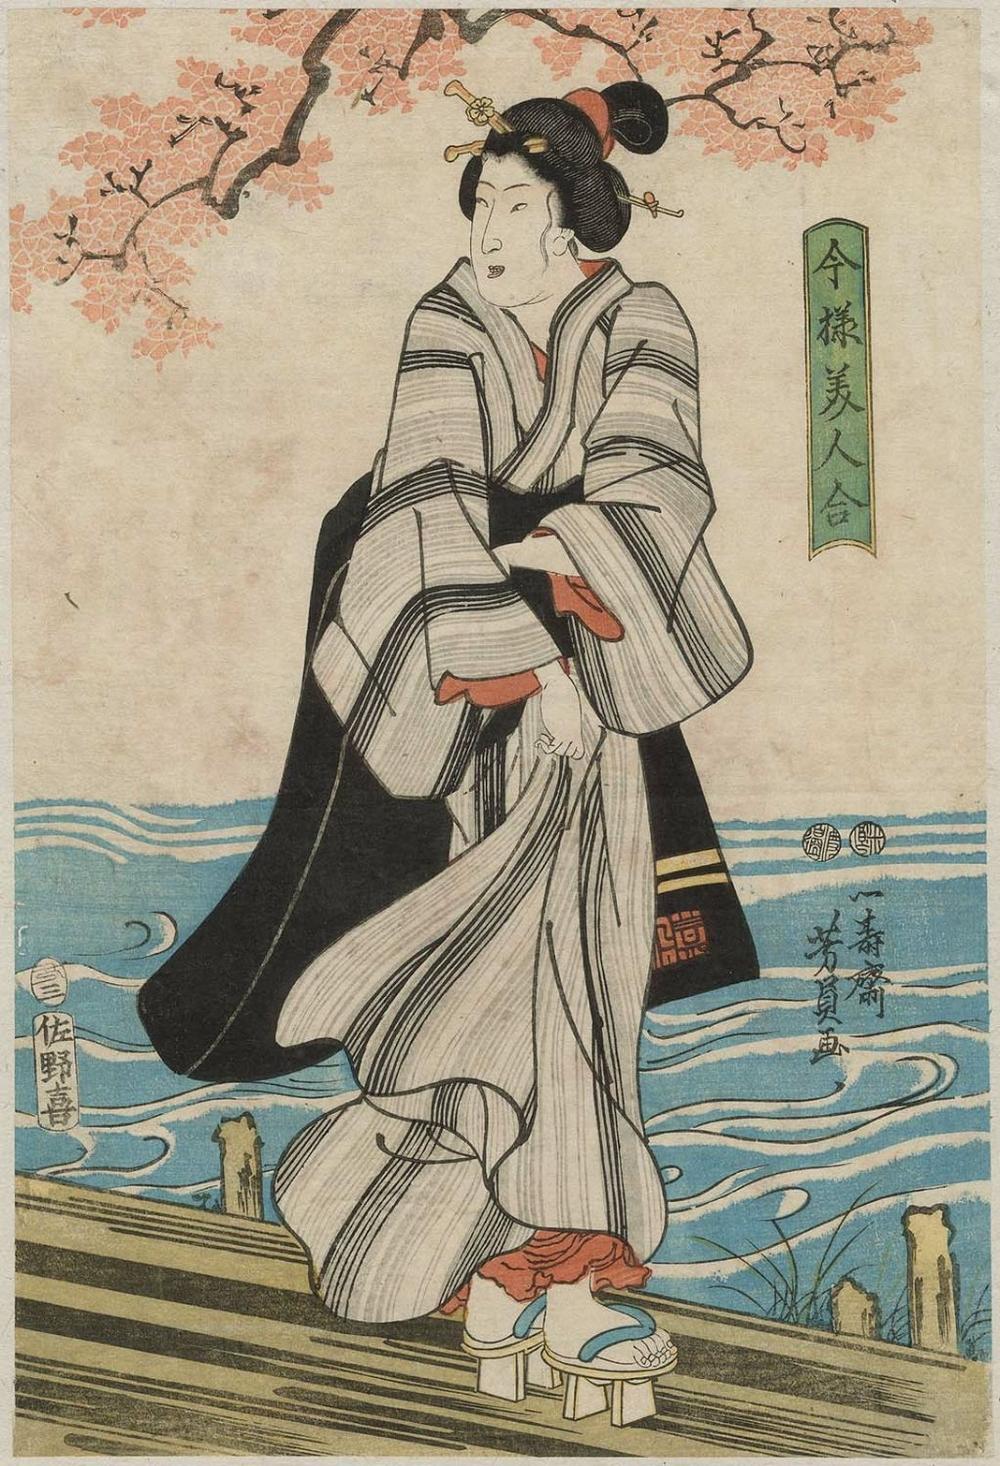 Онлайн-архив с 213 000 прекрасных японских гравюр с 1700-х по 1950-е  5